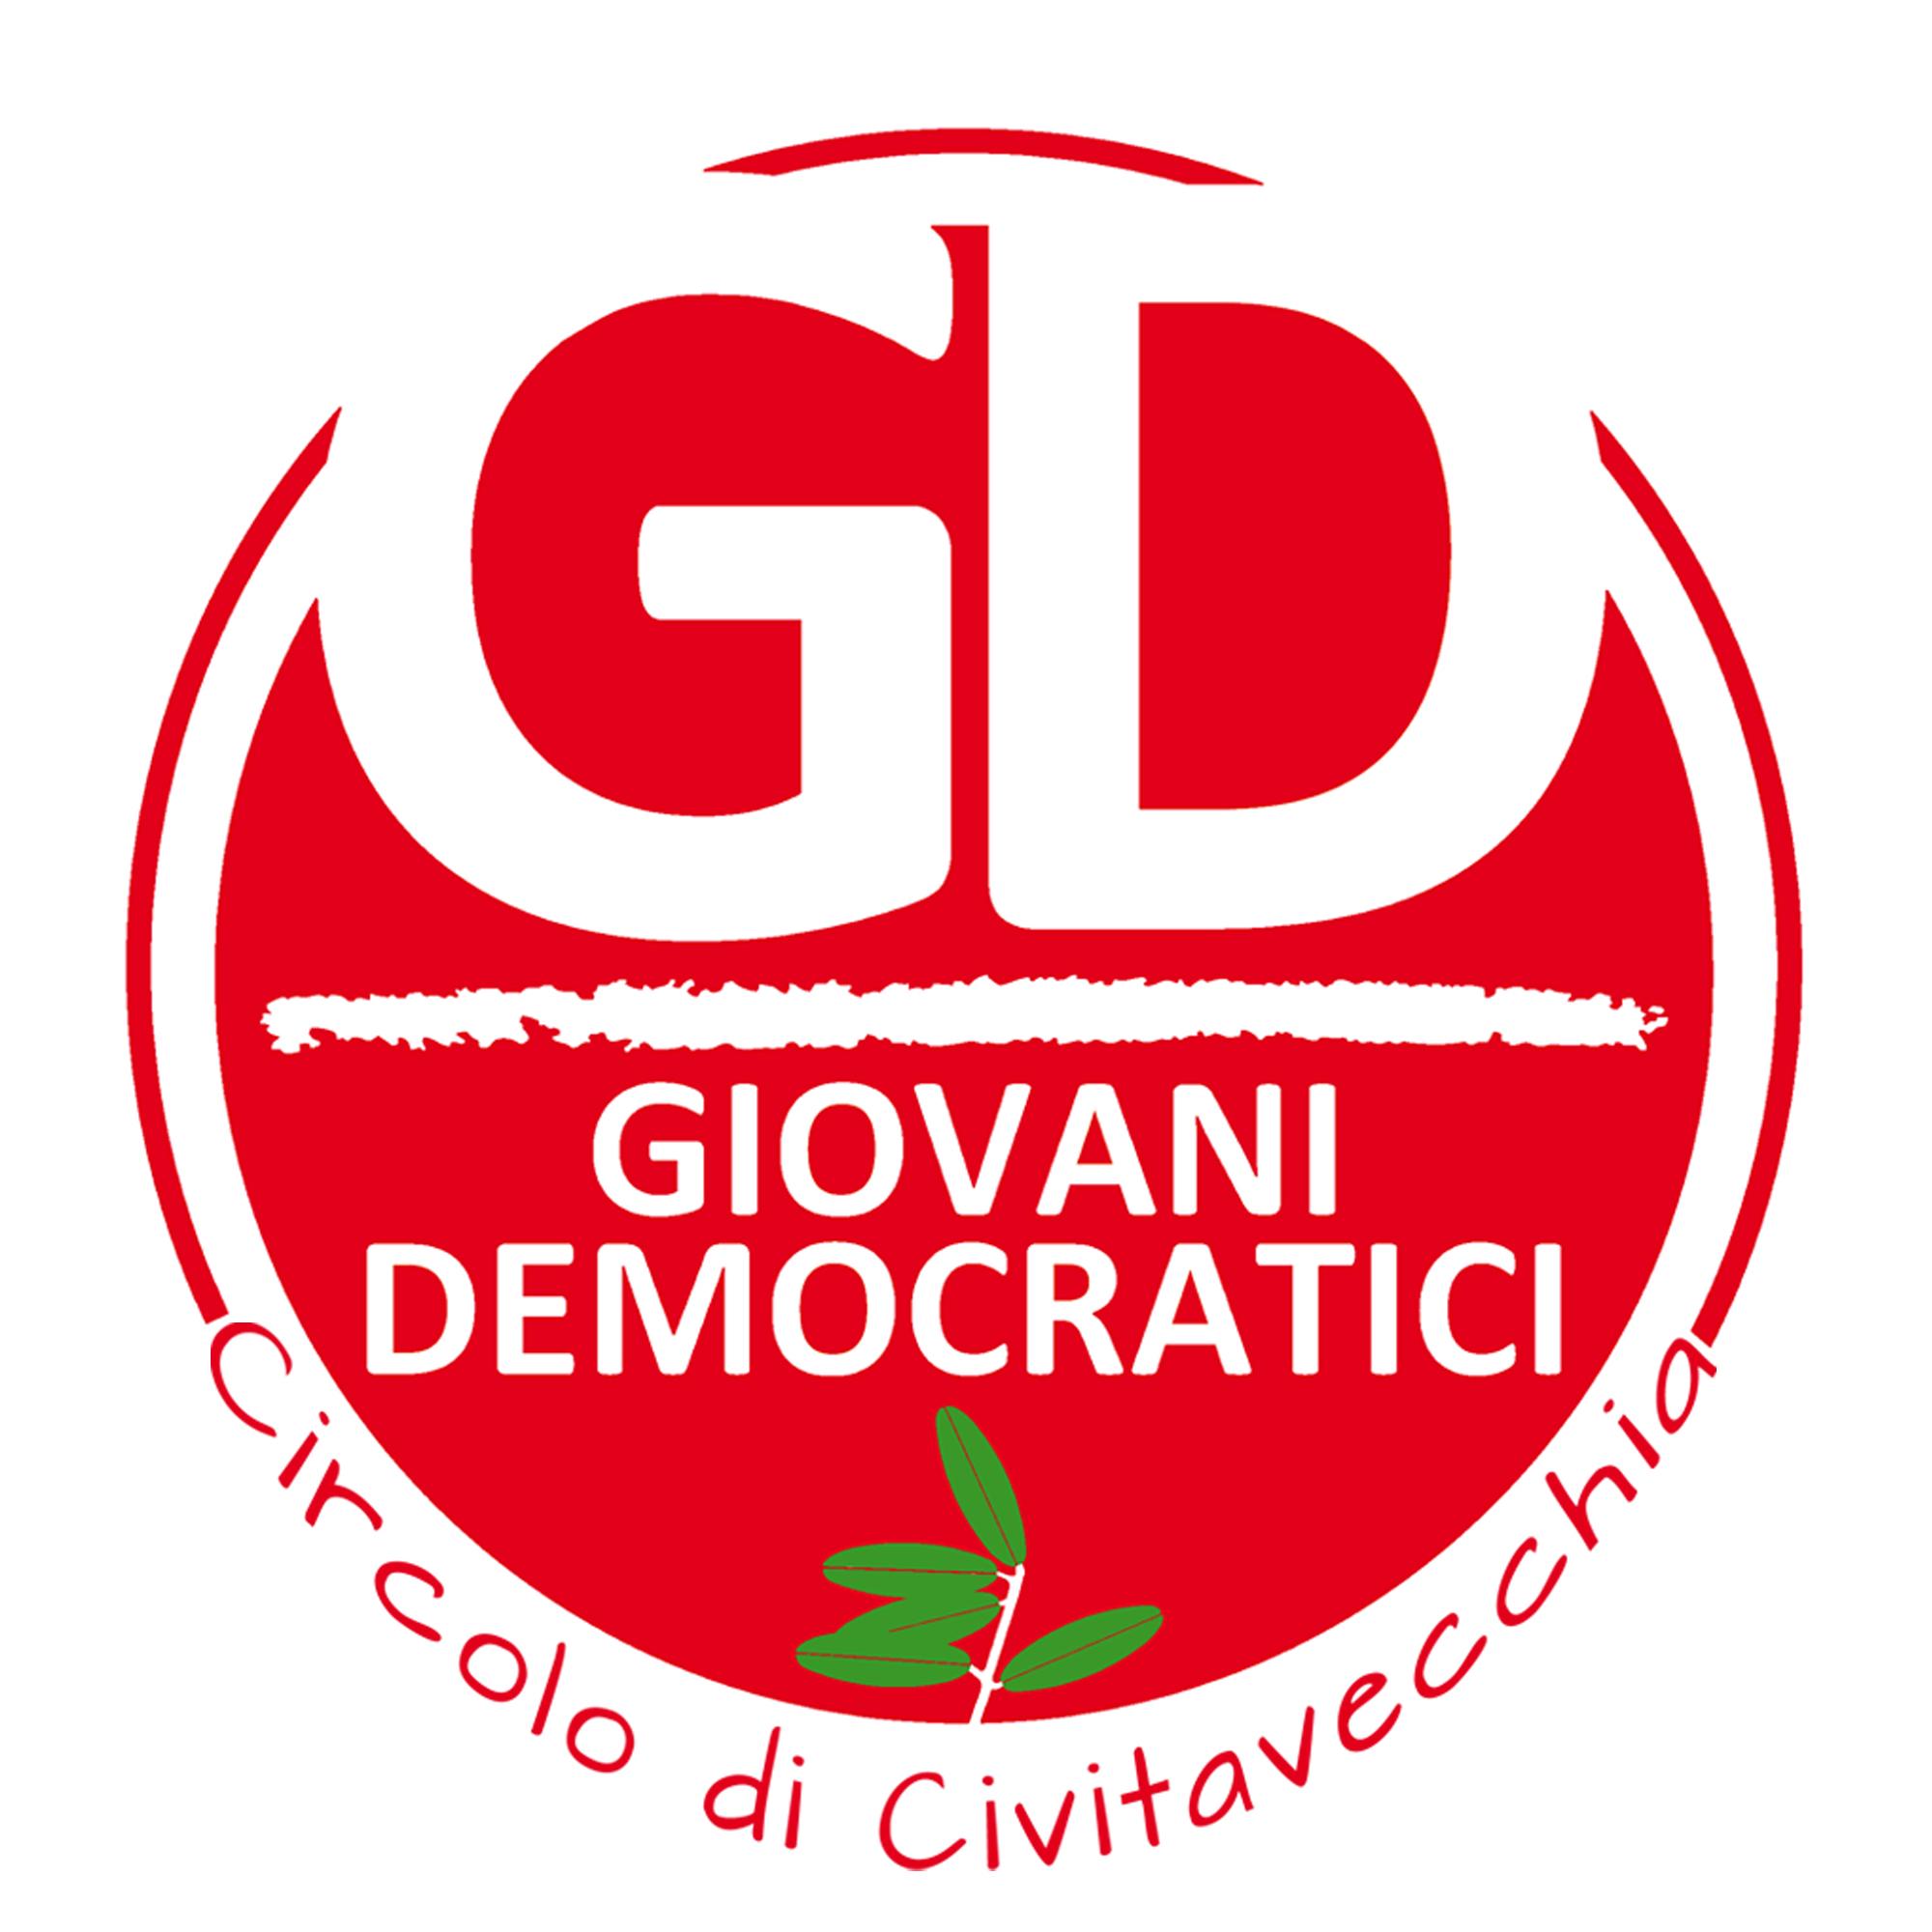 giovani democratici civitavecchia